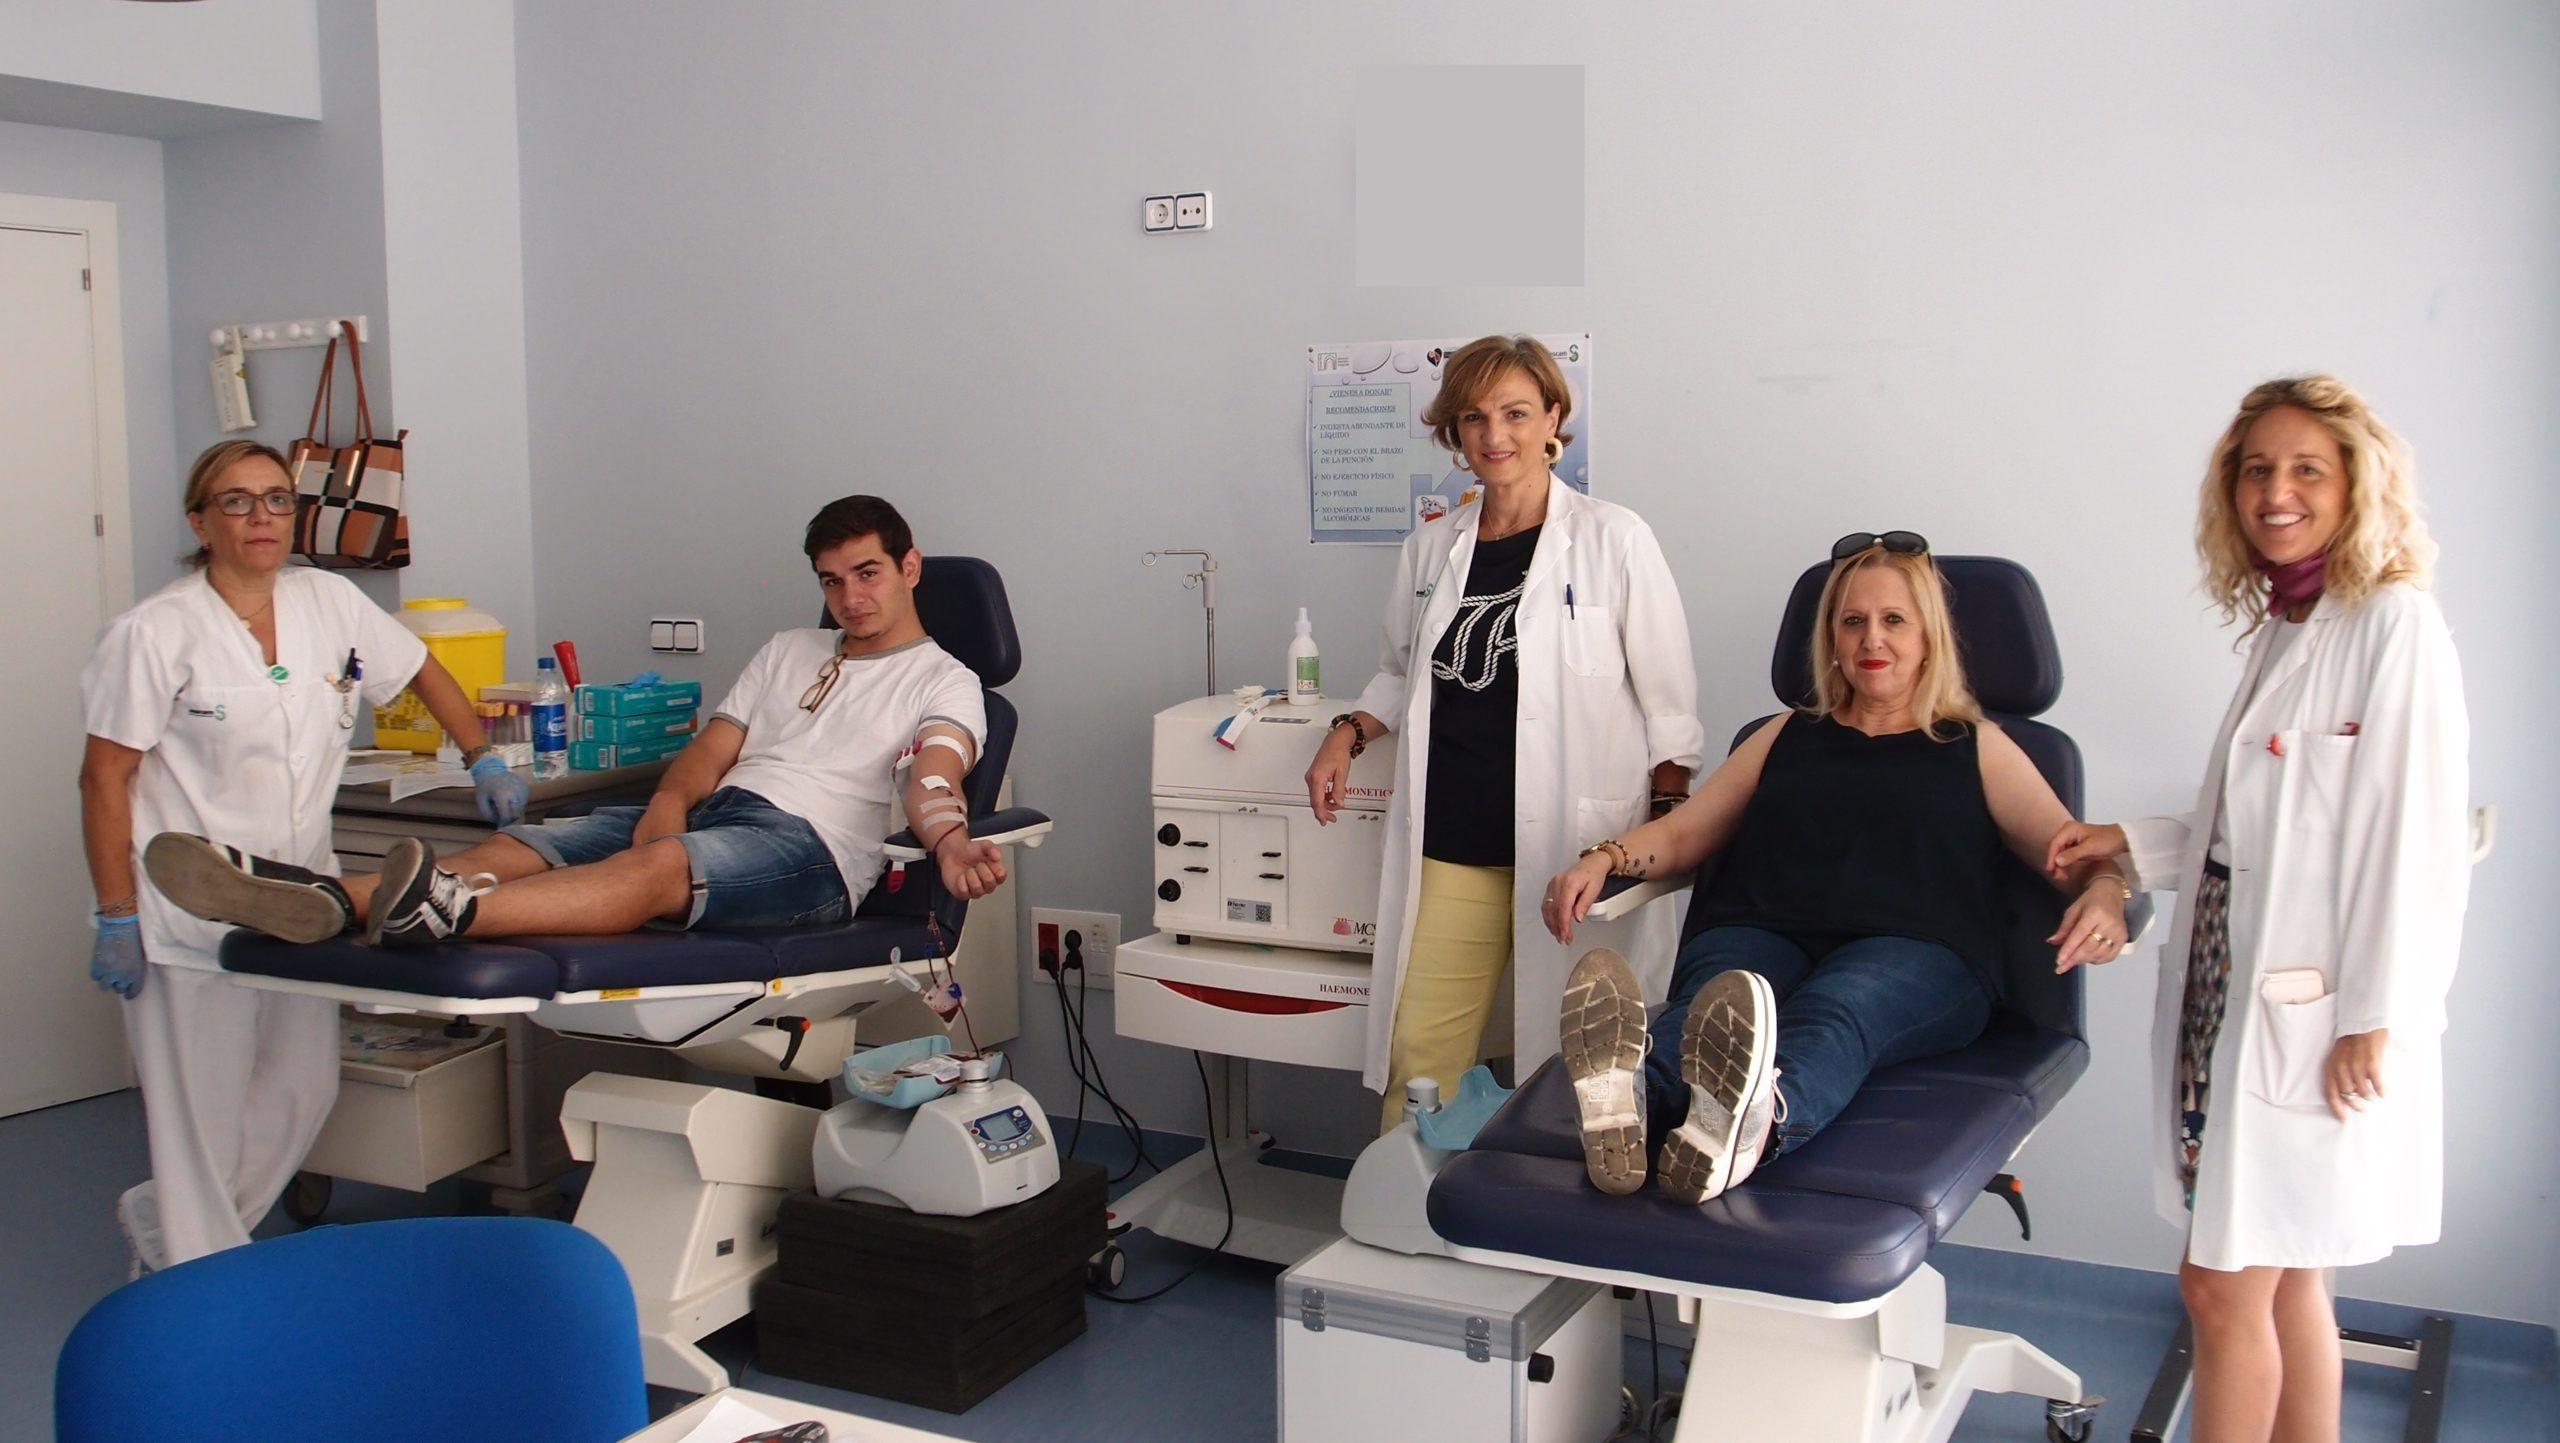 La oleada de solidaridad de donantes de sangre en Castilla-La Mancha permite garantizar la actividad asistencial y quirúrgica